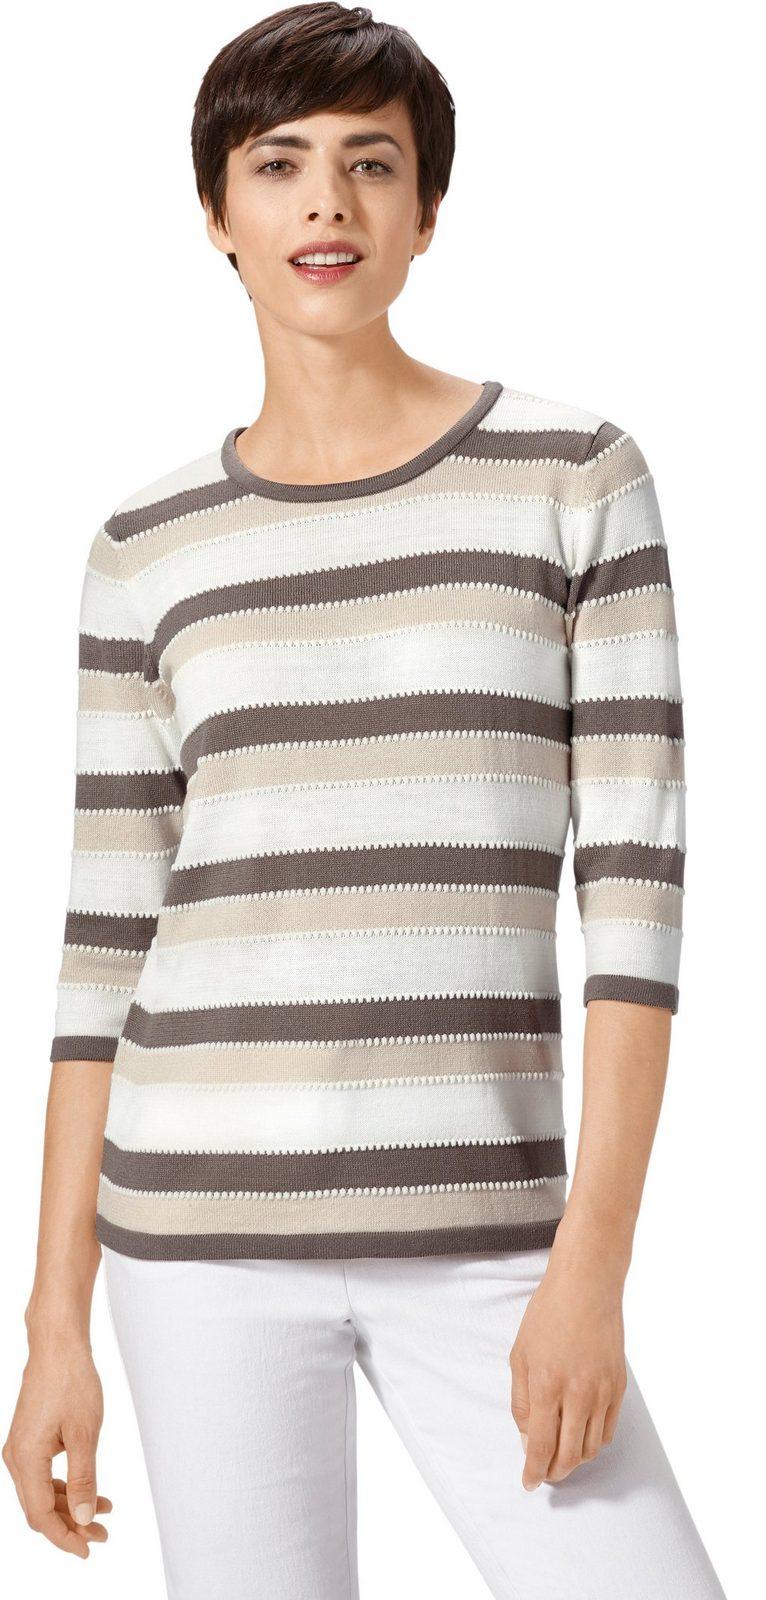 Pullover im schön gestaltetem Streifendessin